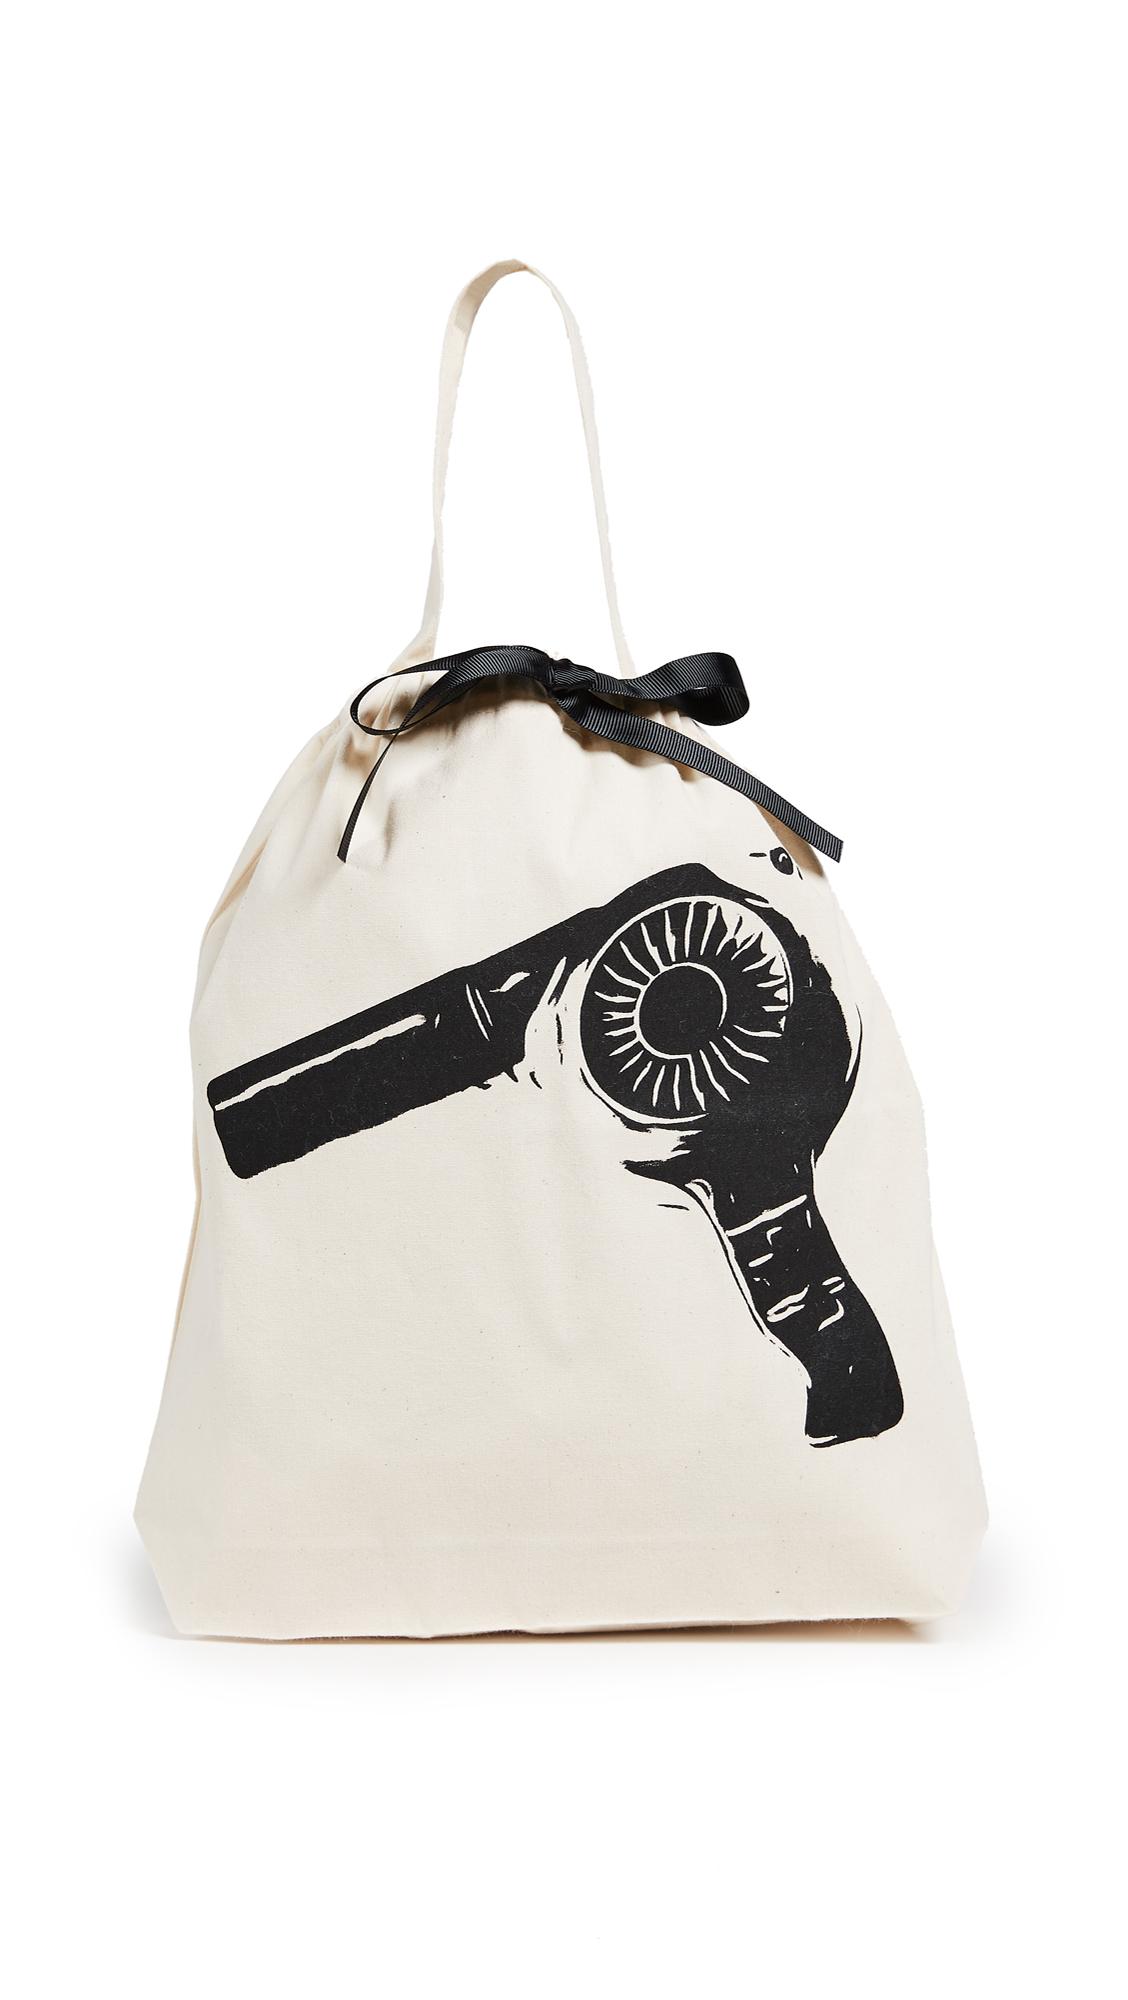 Bag-all Hairdryer Organizing Bag - Natural/Black